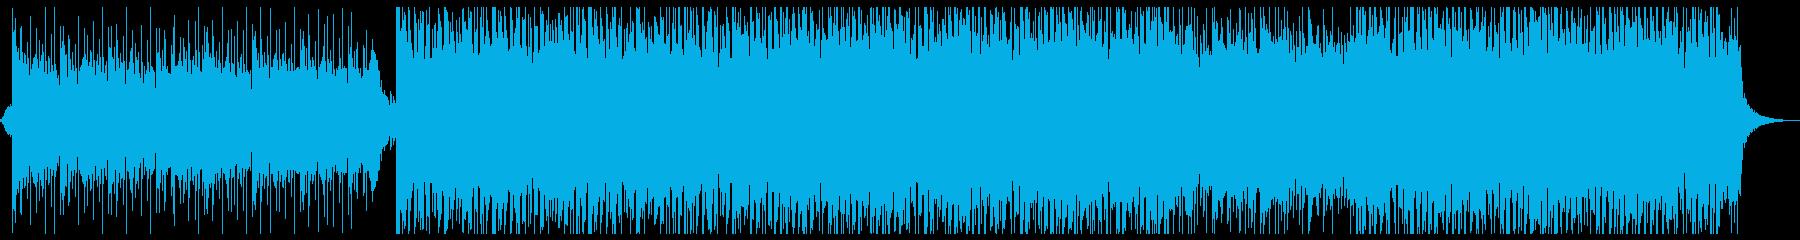 ドラマチックで壮大なシネマ系楽曲の再生済みの波形